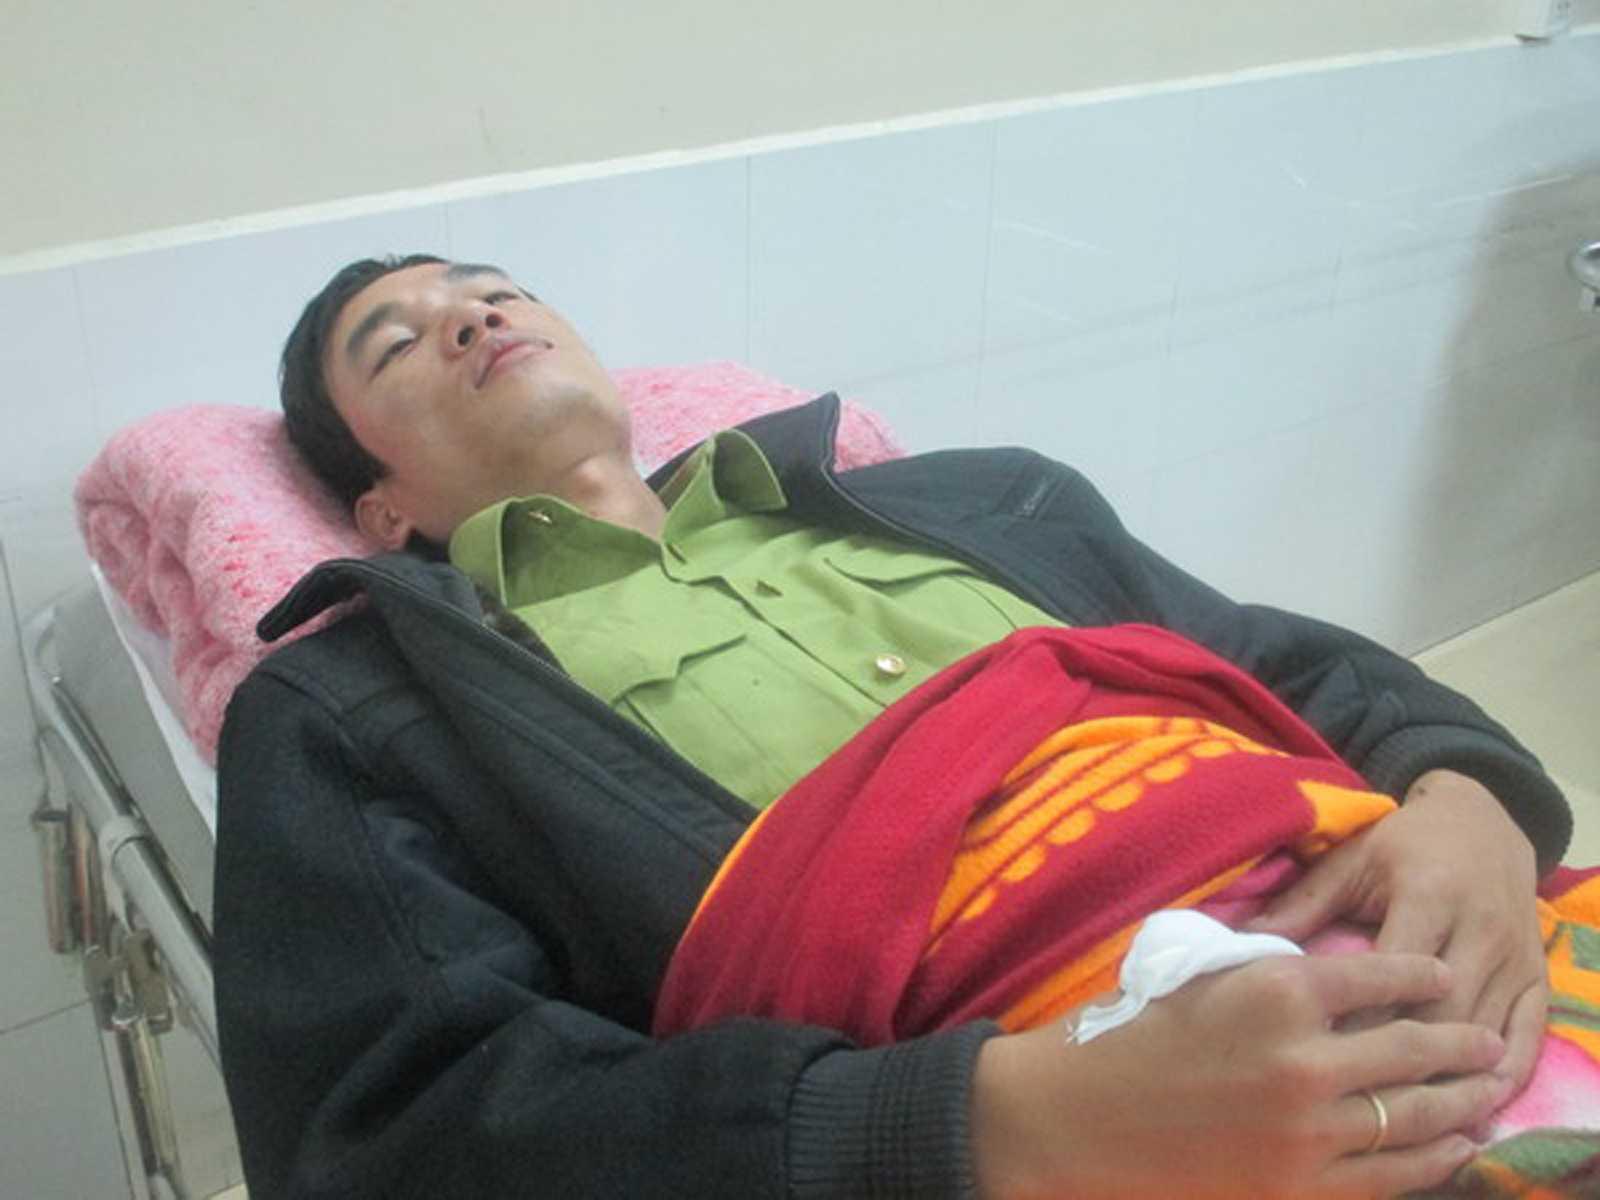 Kiểm lâm Lê Anh Tuấn bị lâm tặc hành hung dã man đang được điều trị tại bệnh viện.